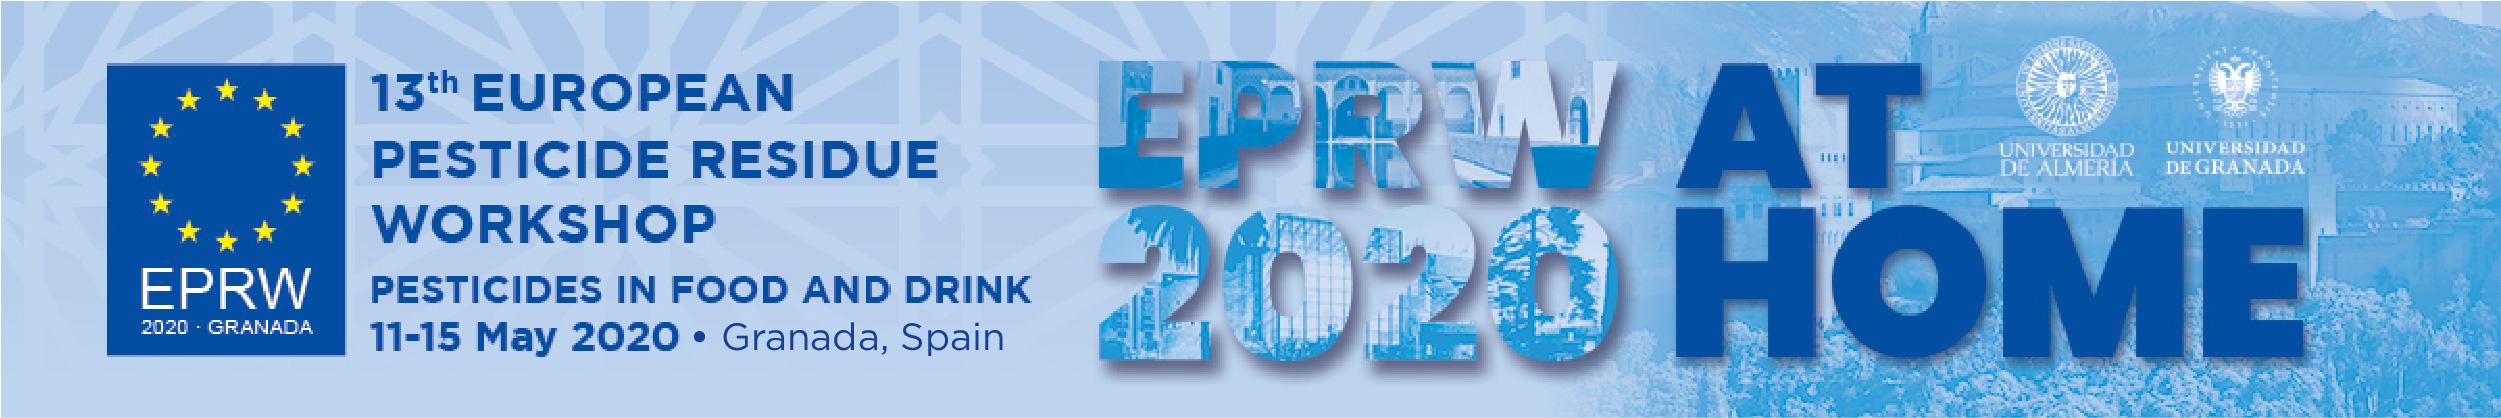 EPRW 2020. Private area